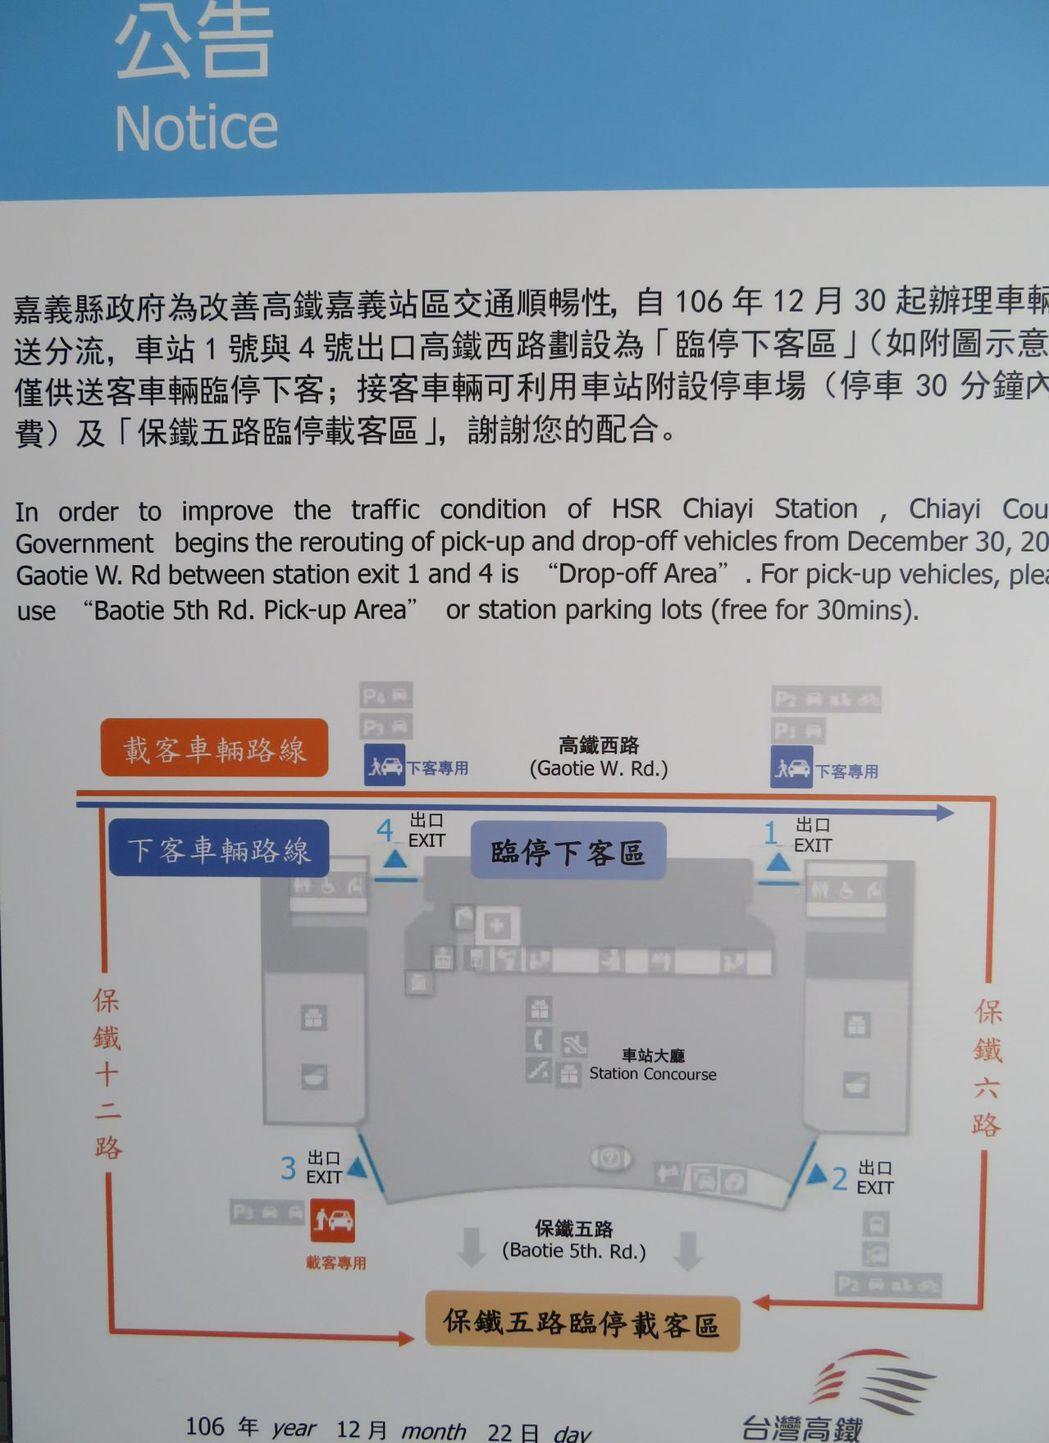 高鐵嘉義站比照台南站接送分流措施,明天交通接送分流措施上路,車站入口處張貼公告。...